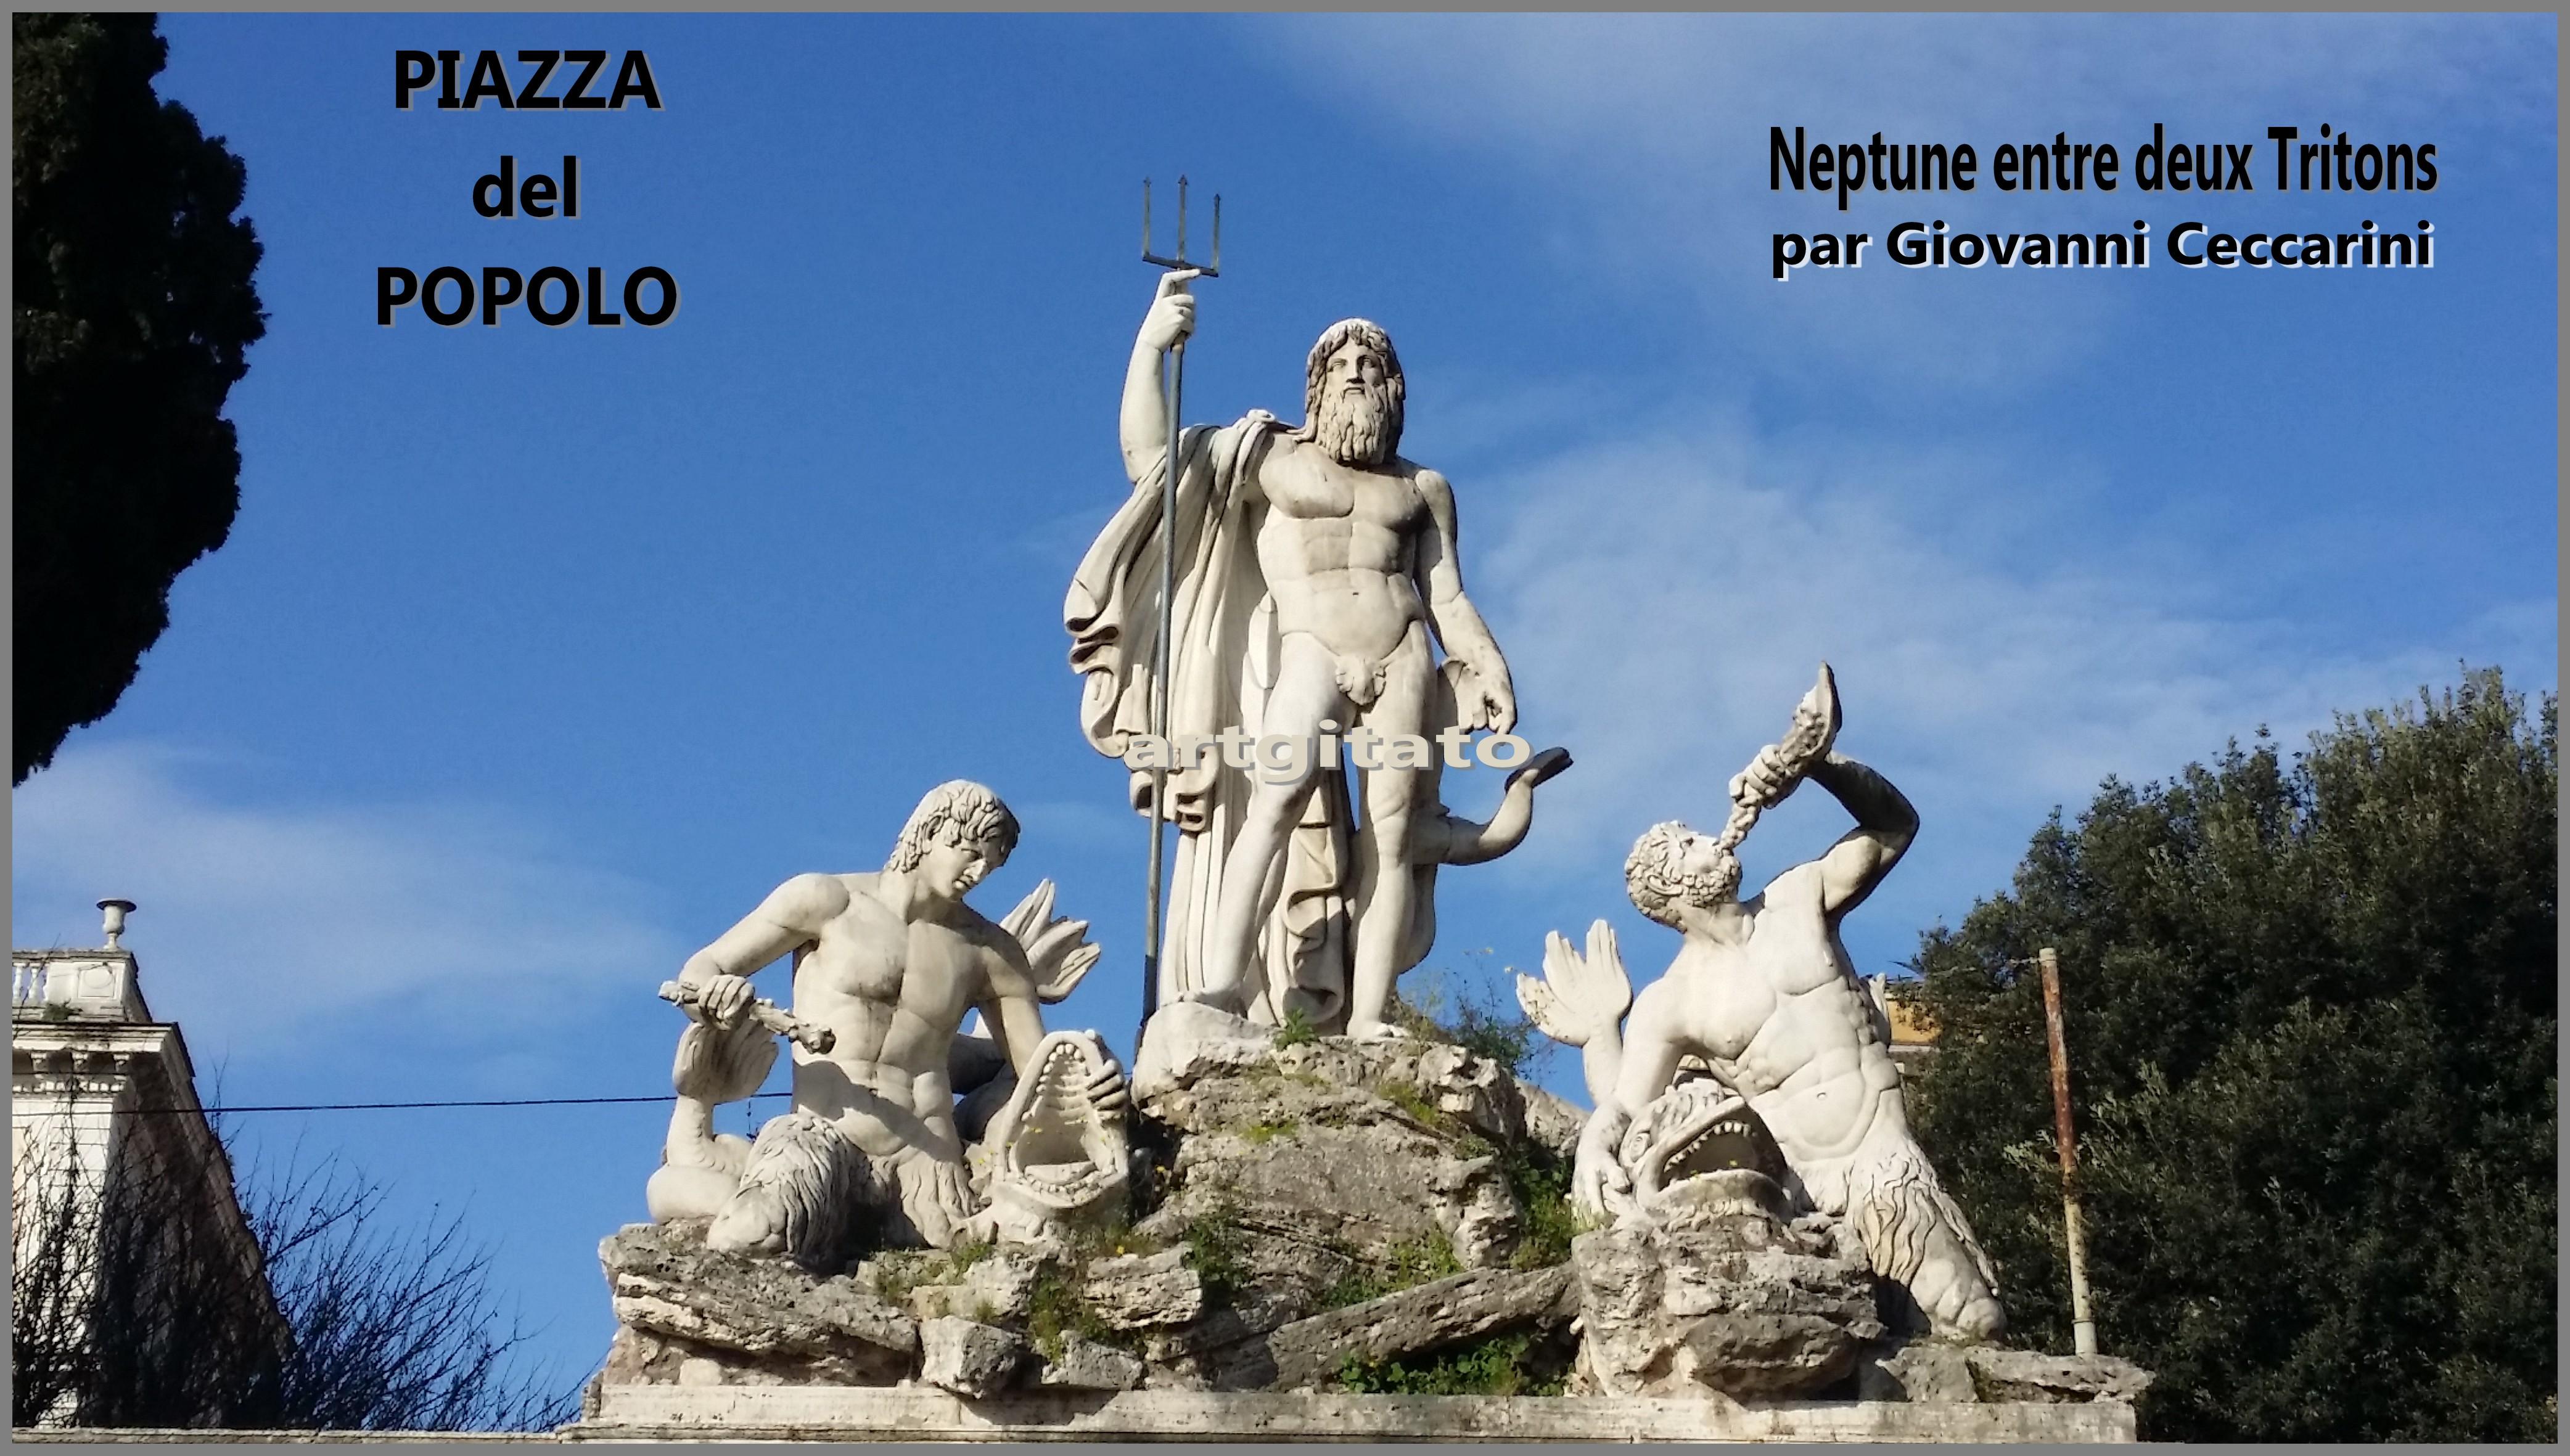 Neptune entre deux Tritons Artgitato Piazza del Popolo Giovanni Ceccarini